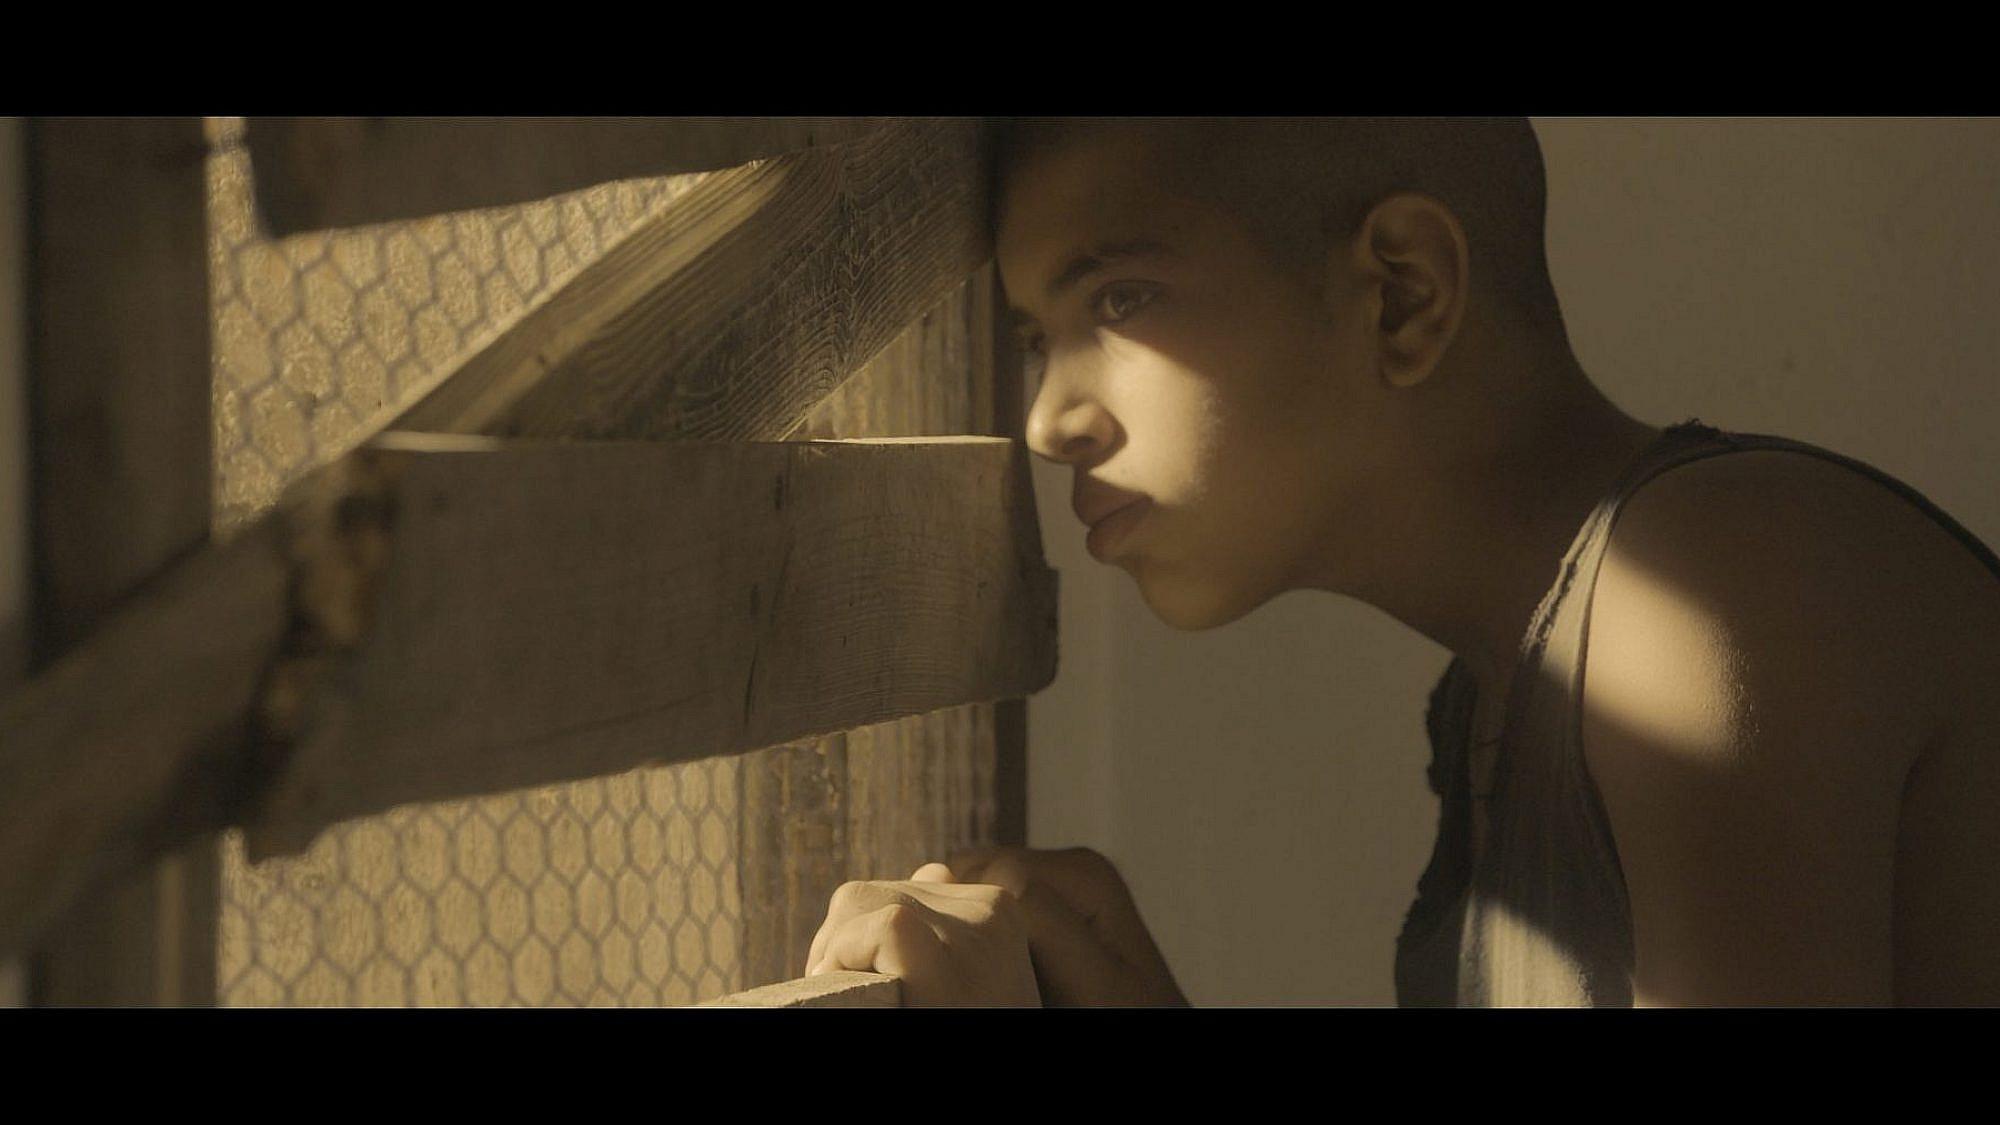 מתוך הסרט